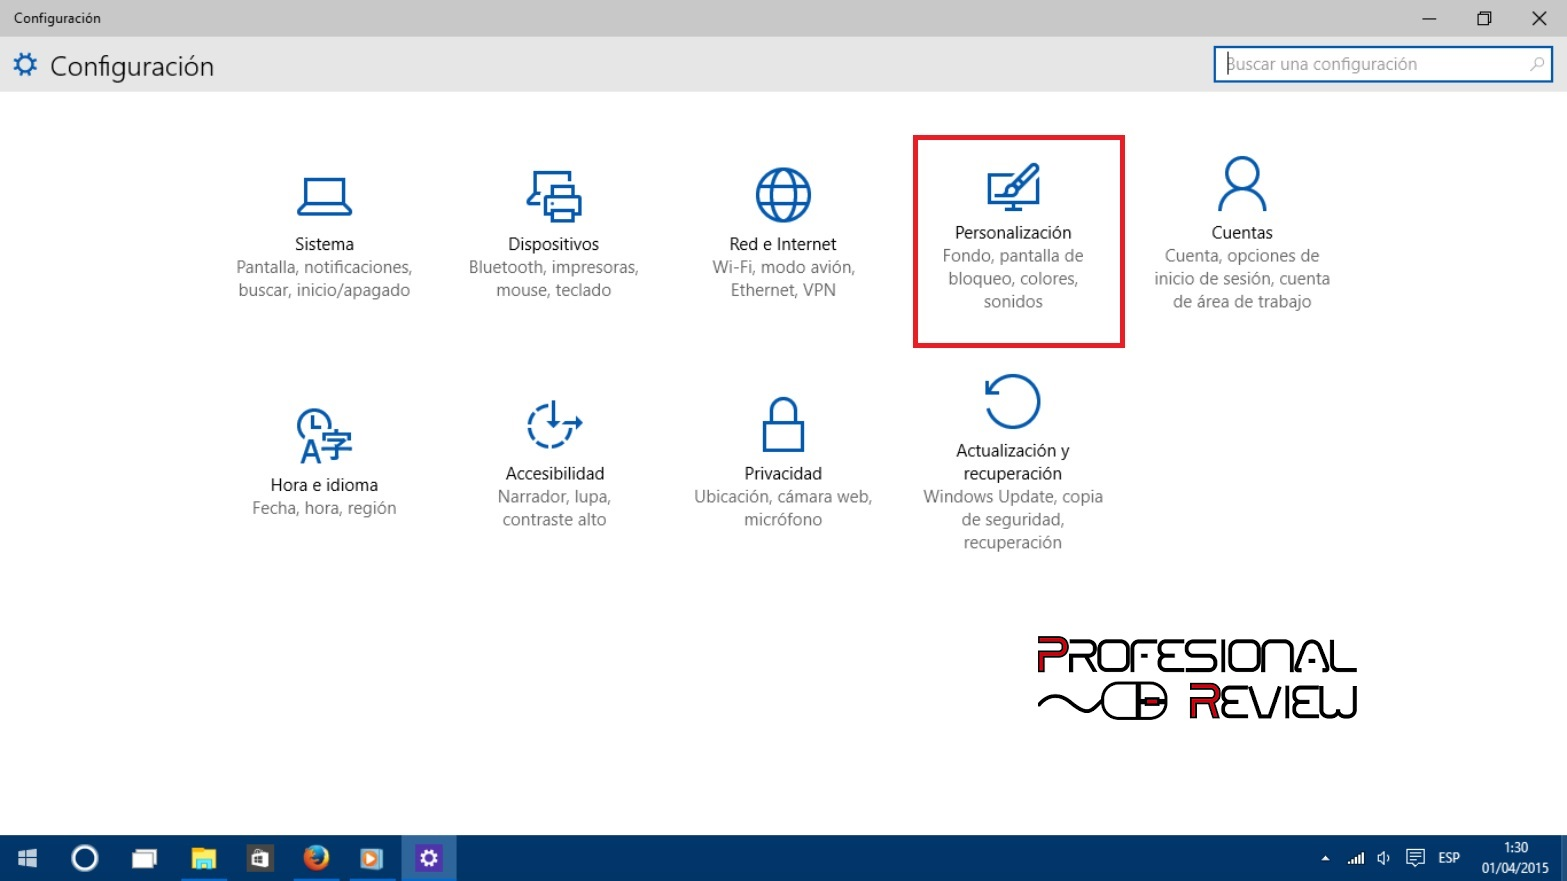 Como cambiar fondo de escritorio automaticamente en windows 10 for El fondo de escritorio